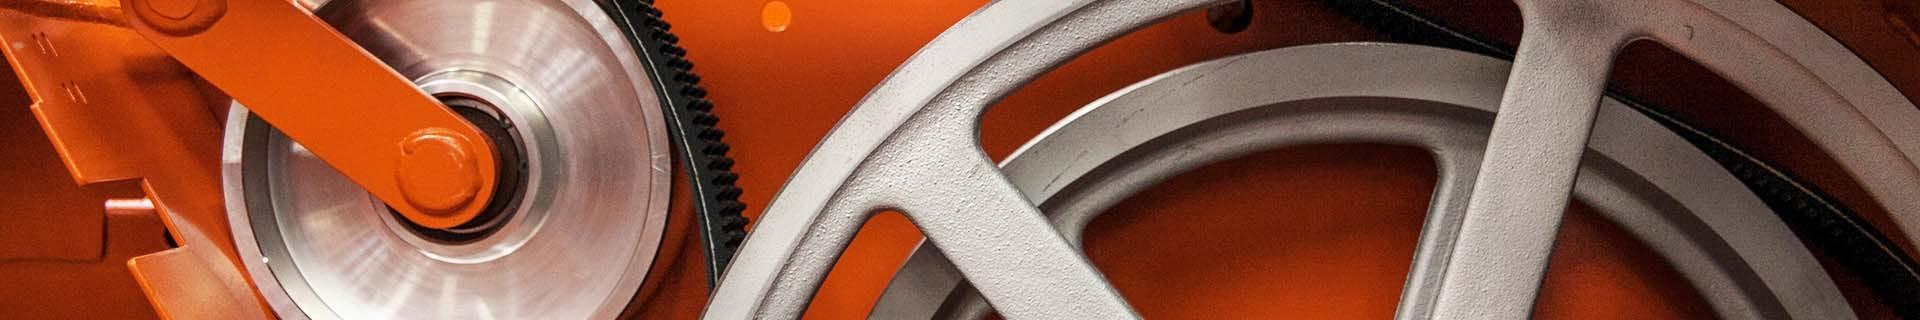 Blade Wheel Belts